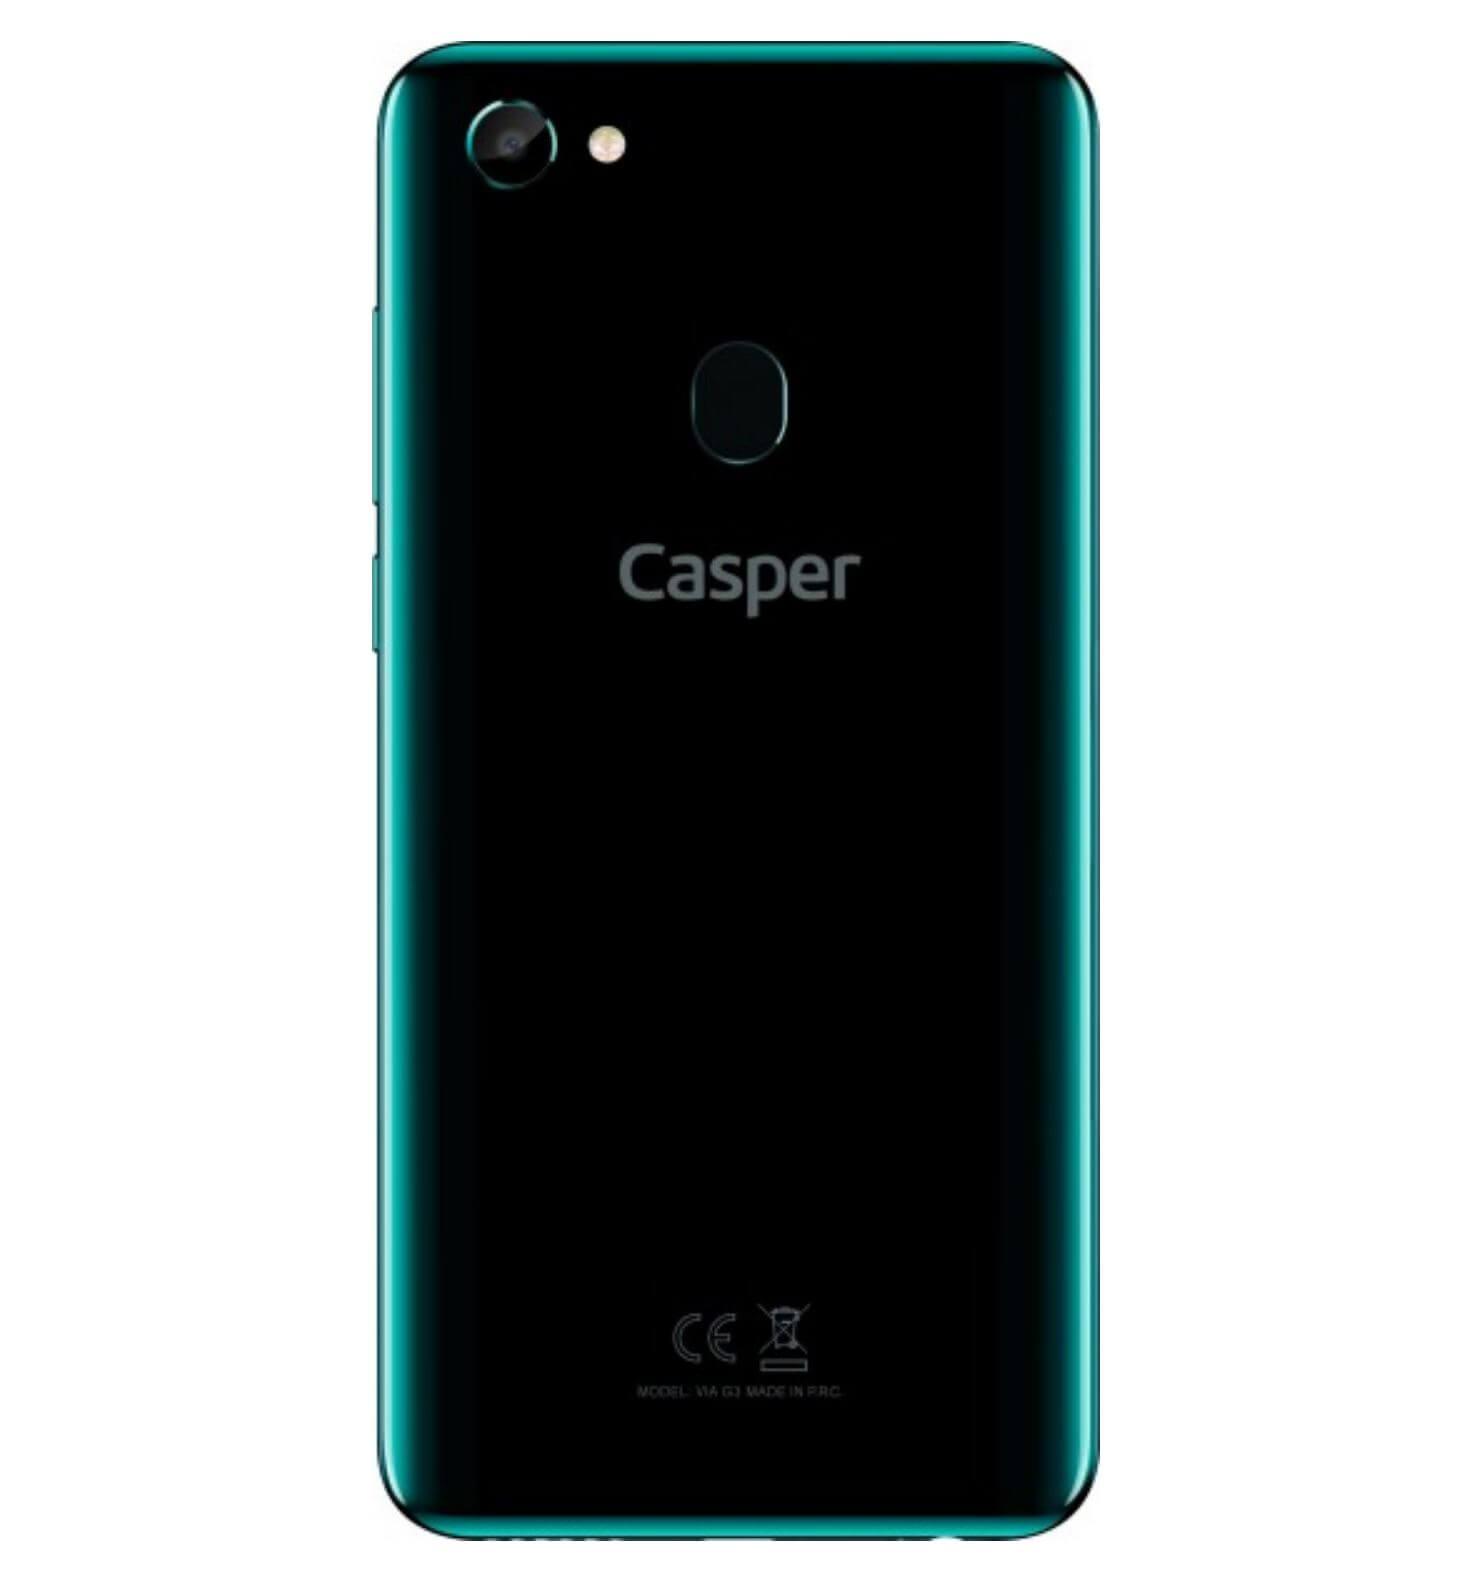 Casper VIA G3